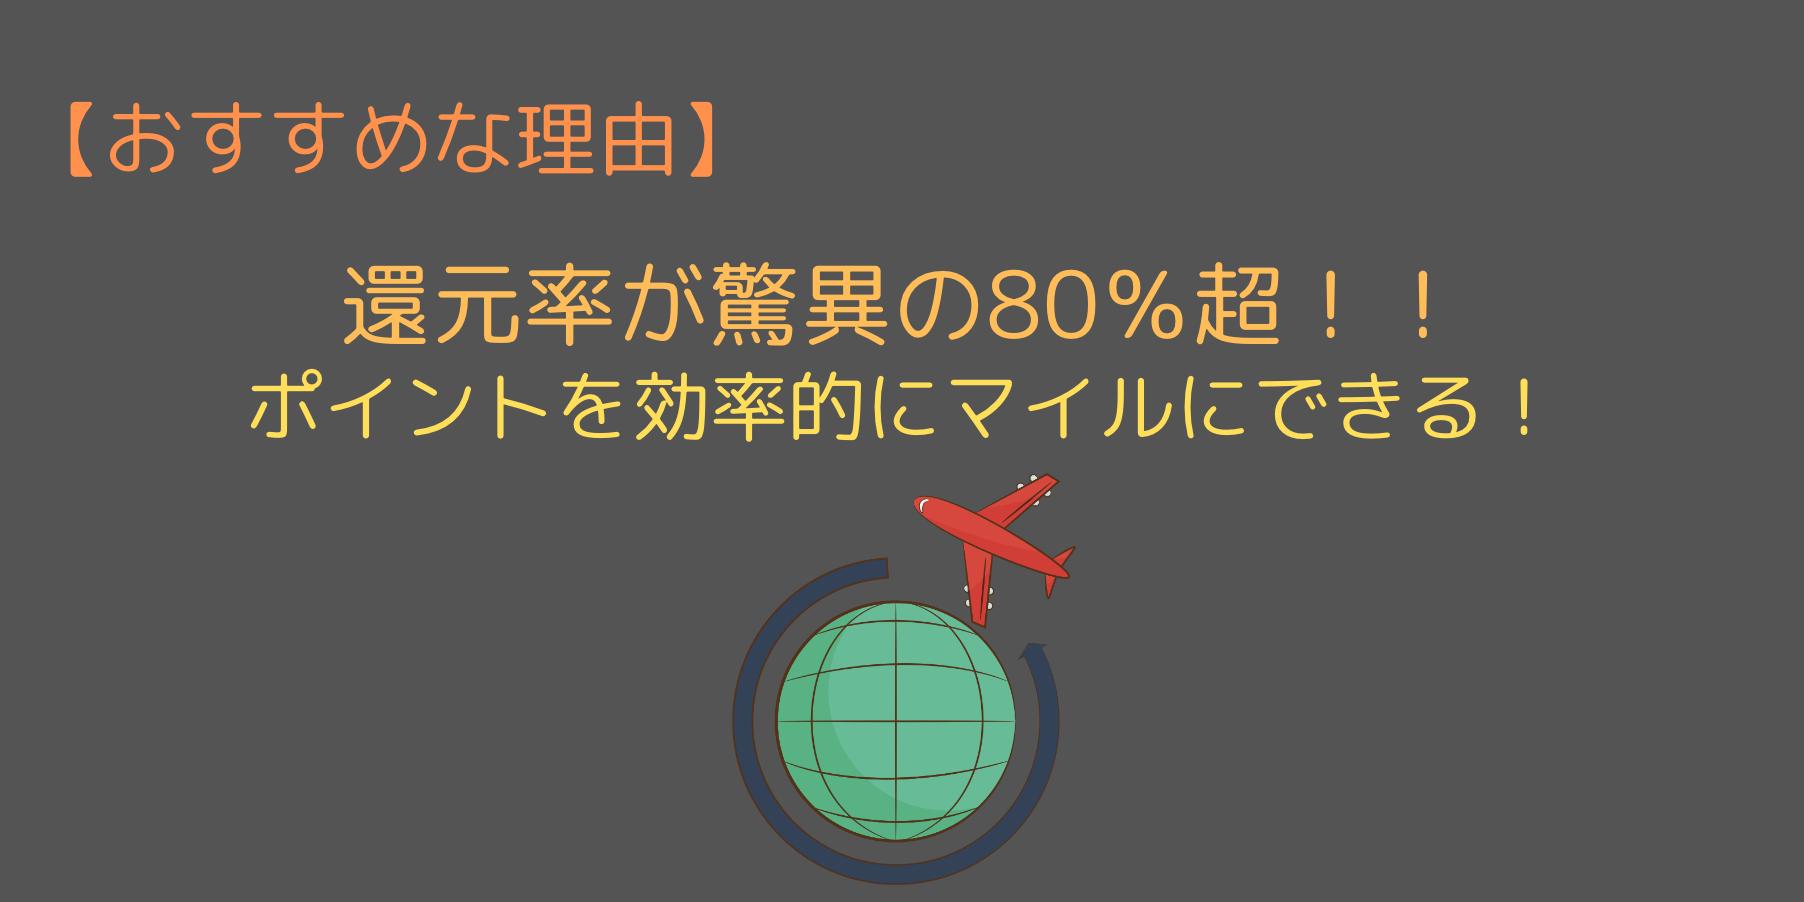 交換レートは驚異の最大80%超